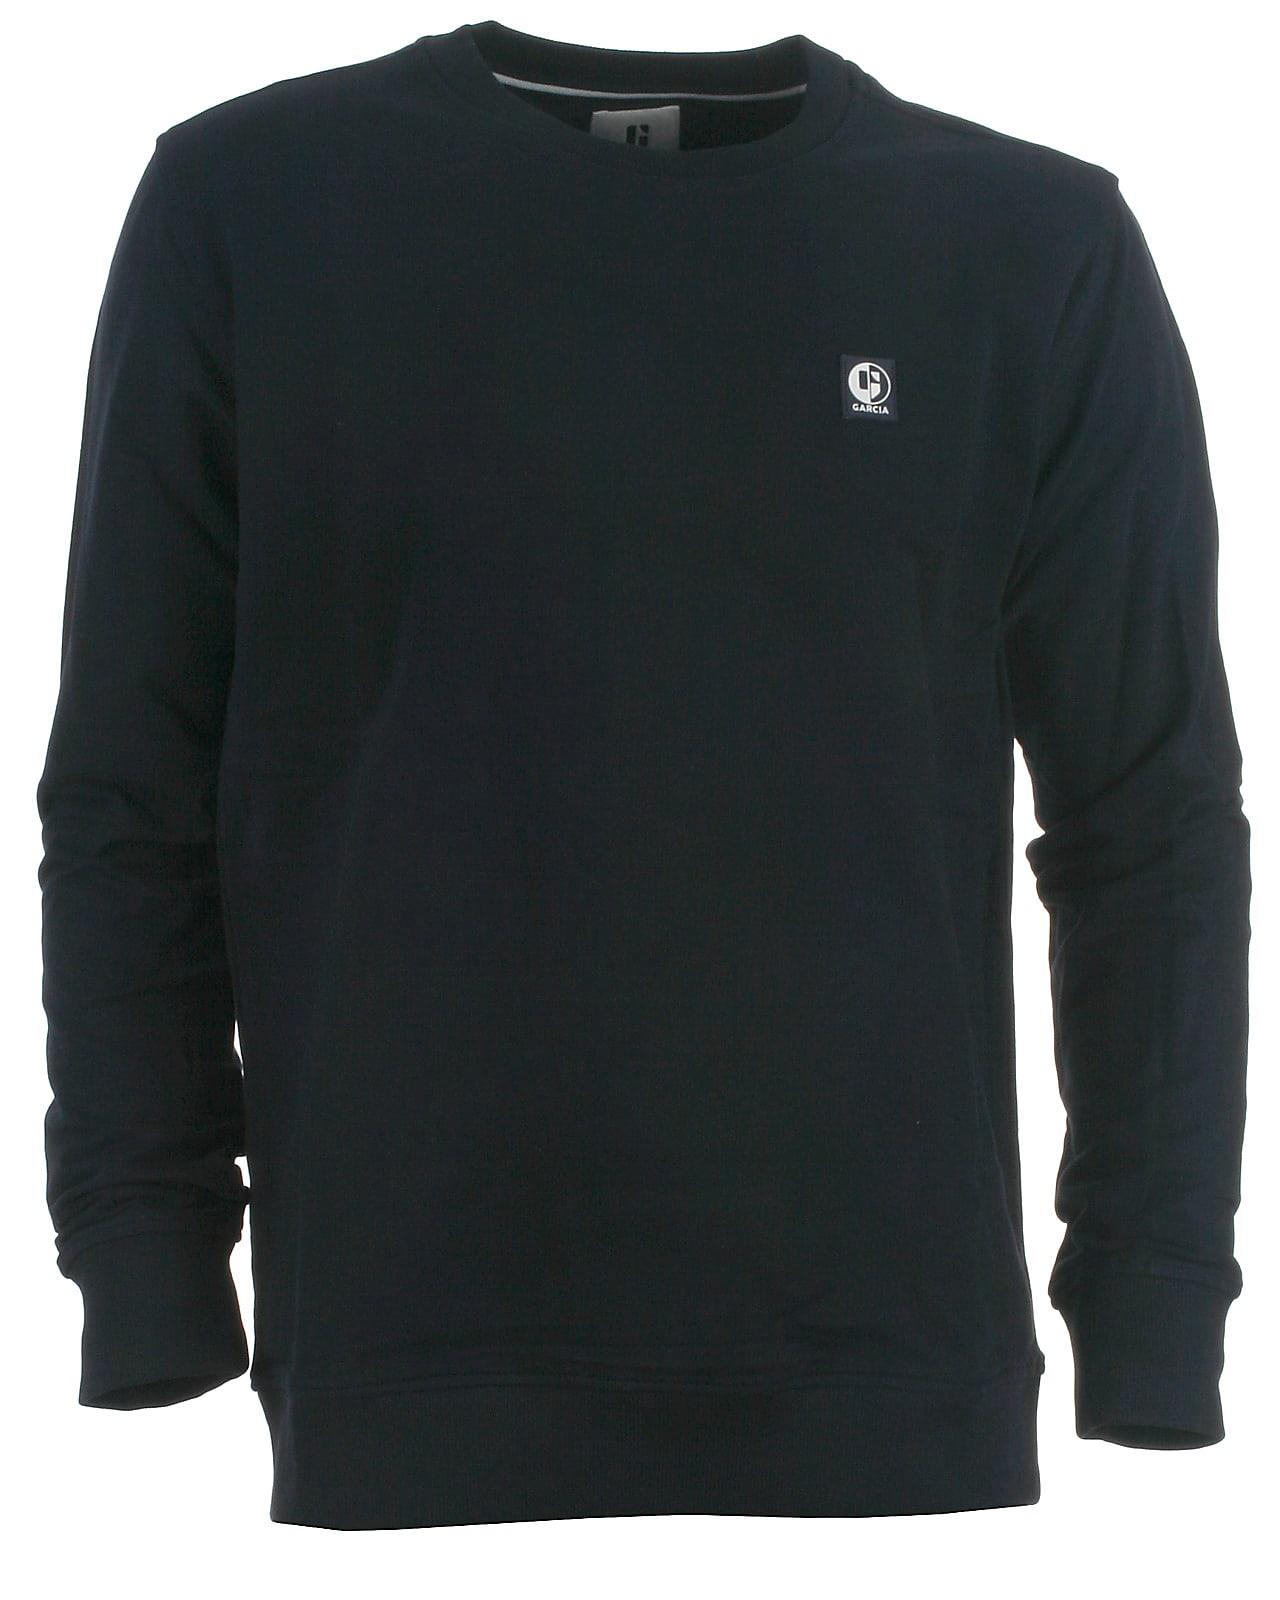 Garcia sweatshirt, darkmoon